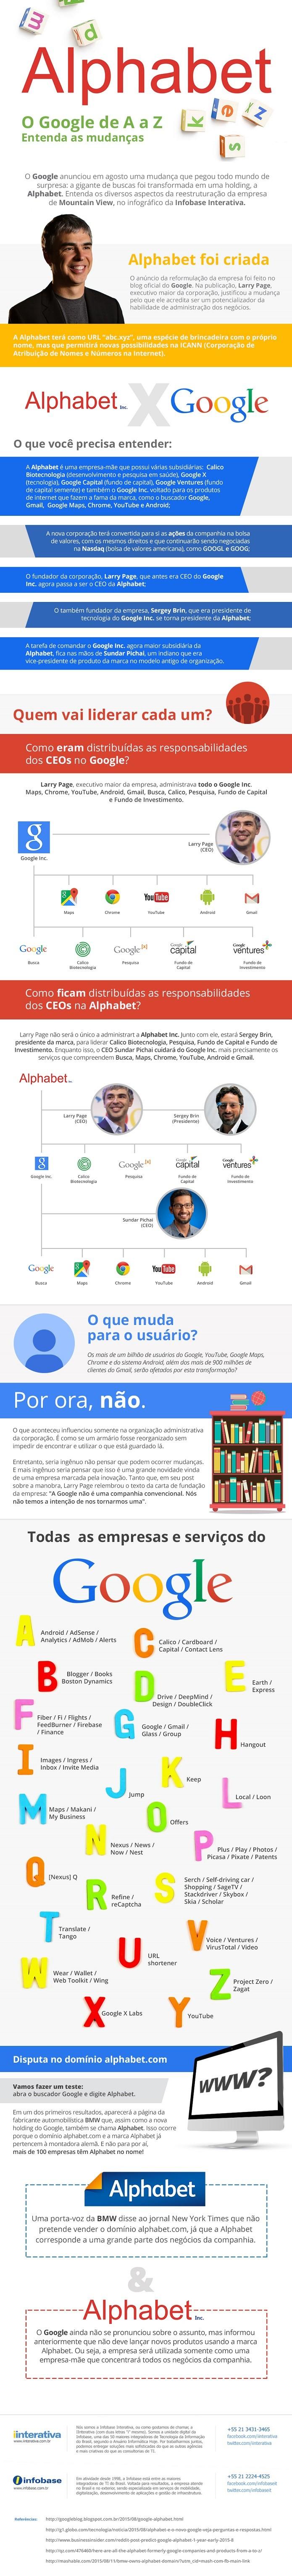 Infográfico mostra como a Alphabet vai funcionar (Foto: Divulgação/Infobase Interativa)